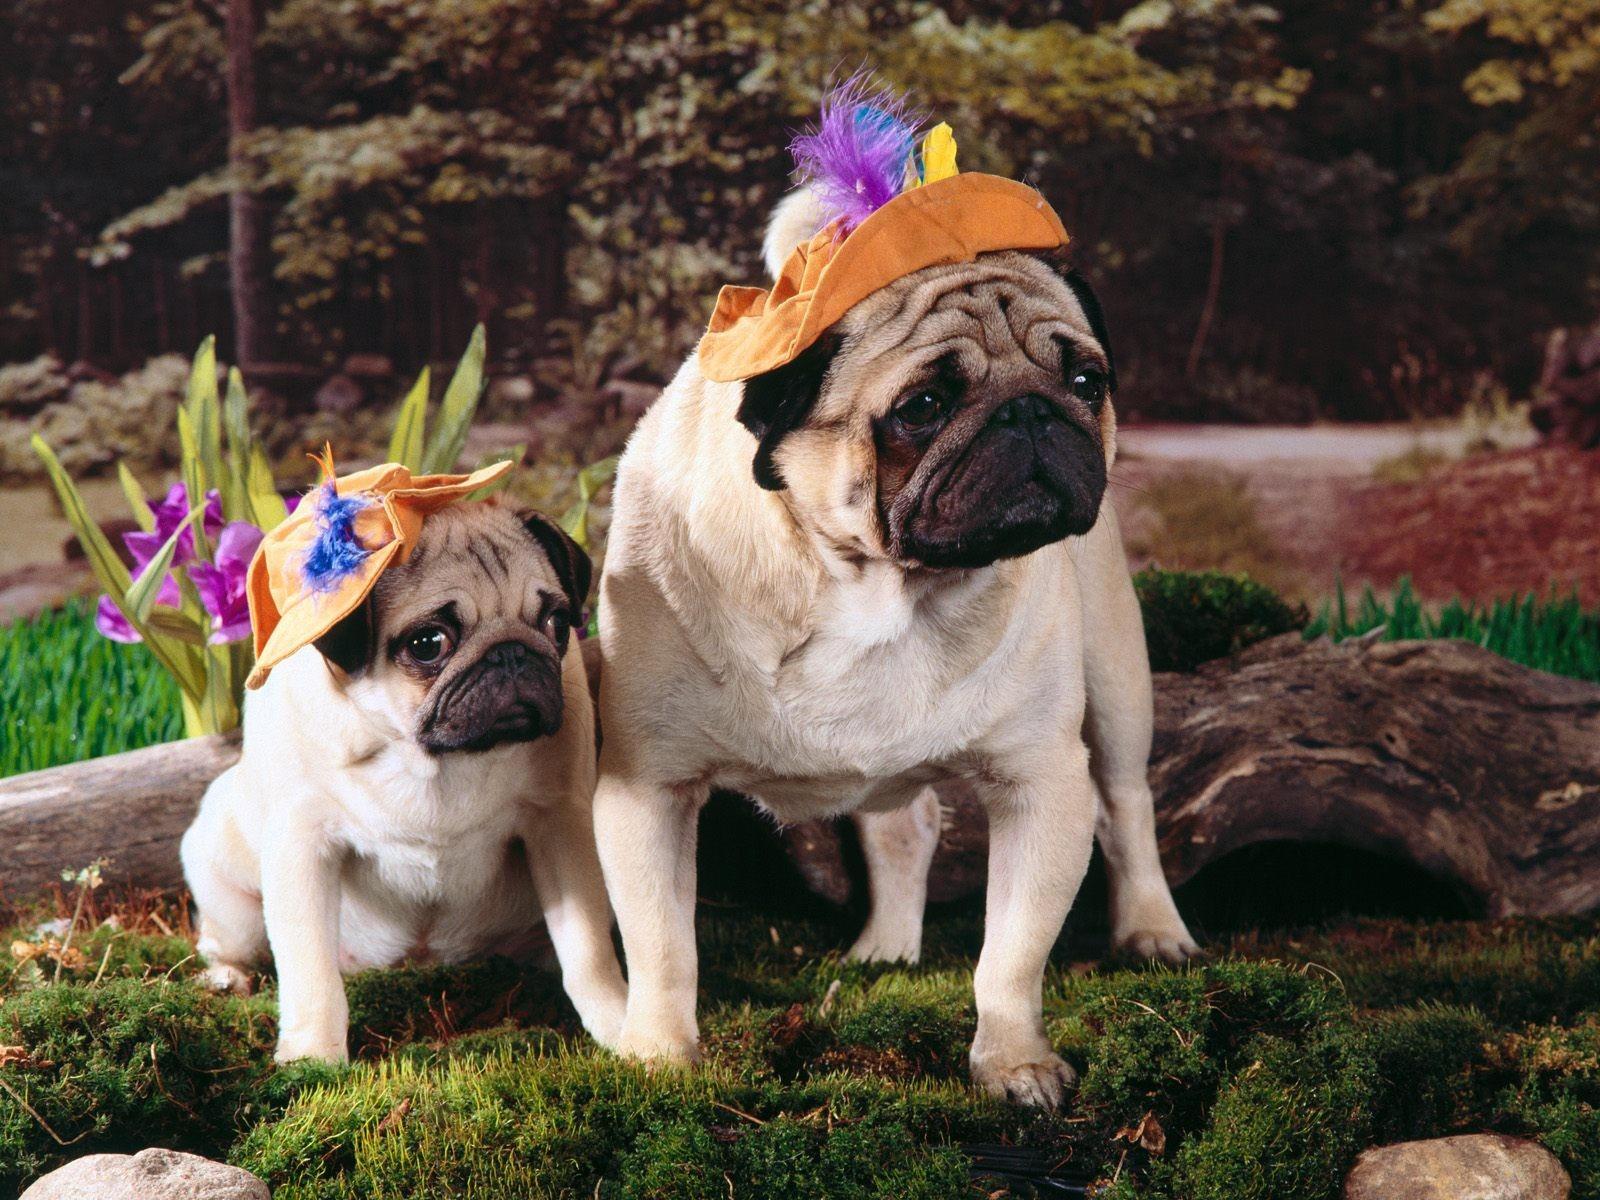 Два мопса в весеннем саду